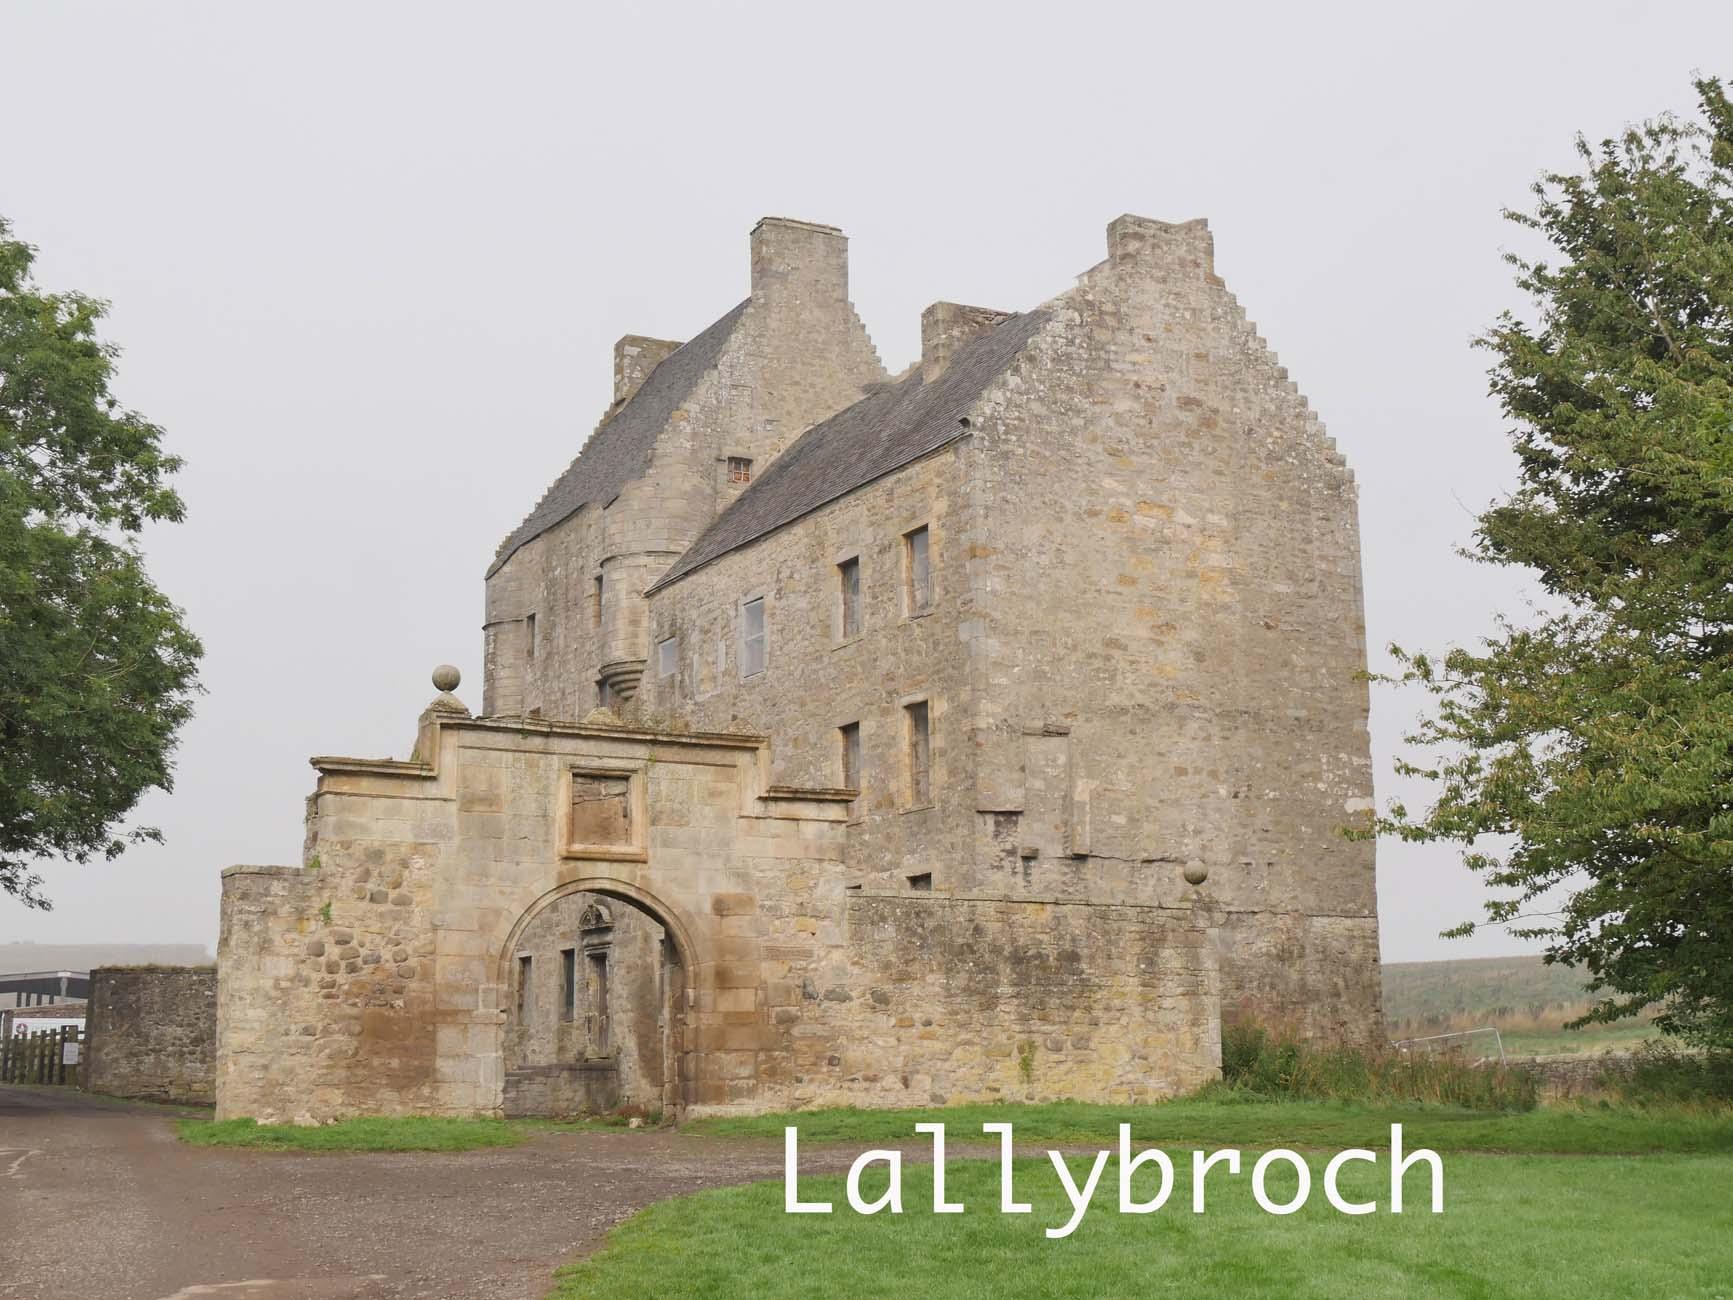 lallybroch castle gifts